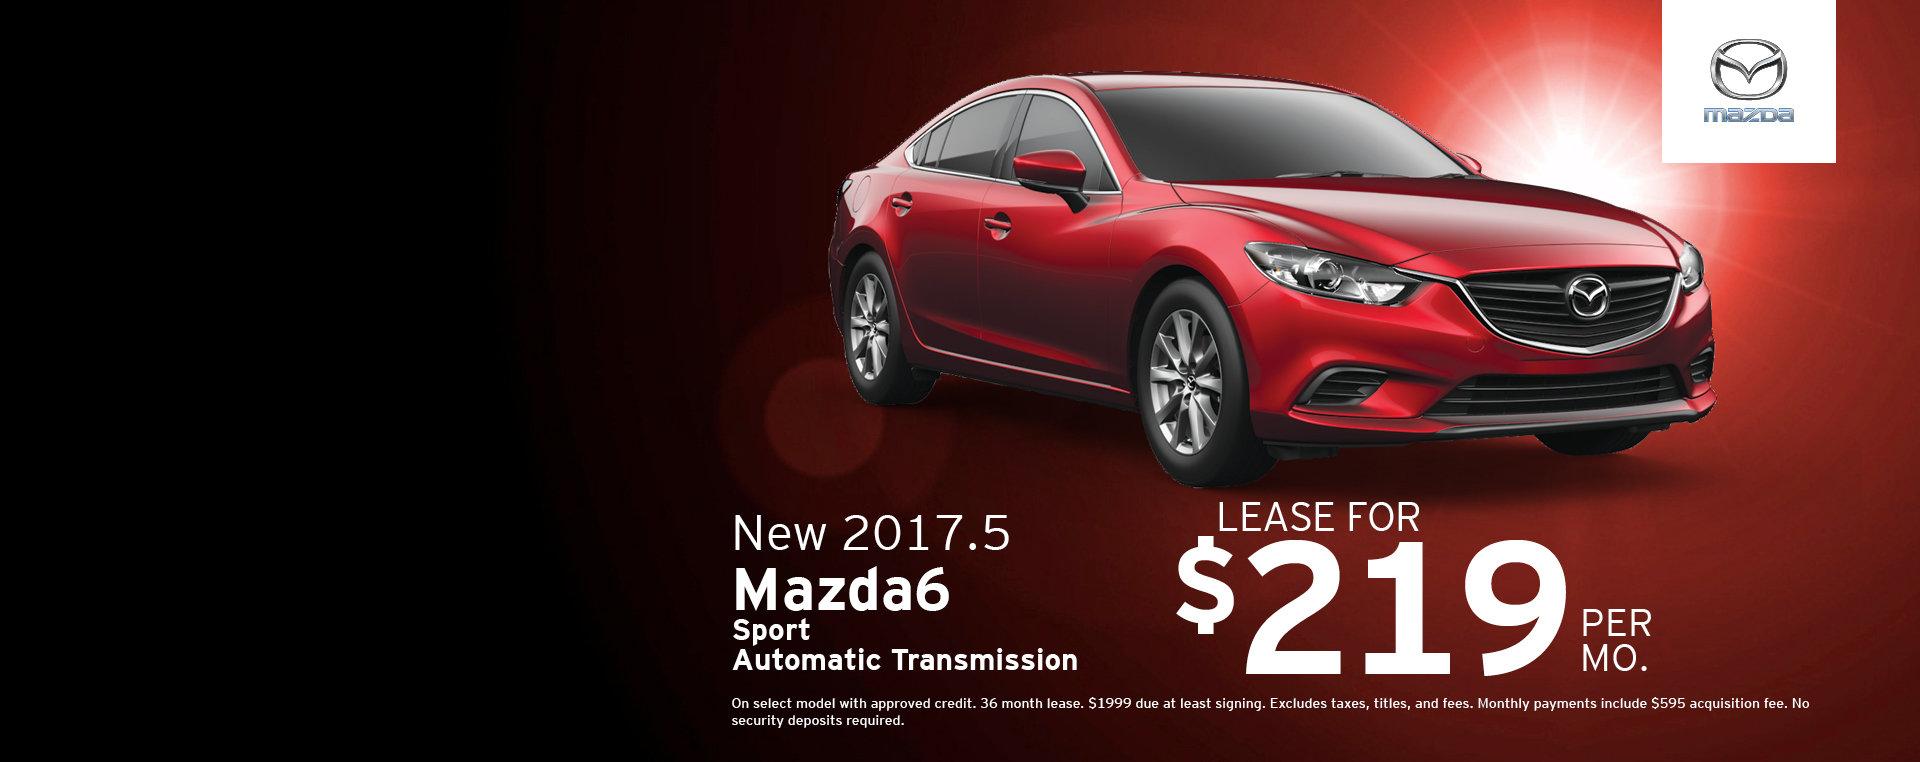 New Used Cars Trucks SUVs For Sale Mazda Dealer In - Mazda dealers in ohio